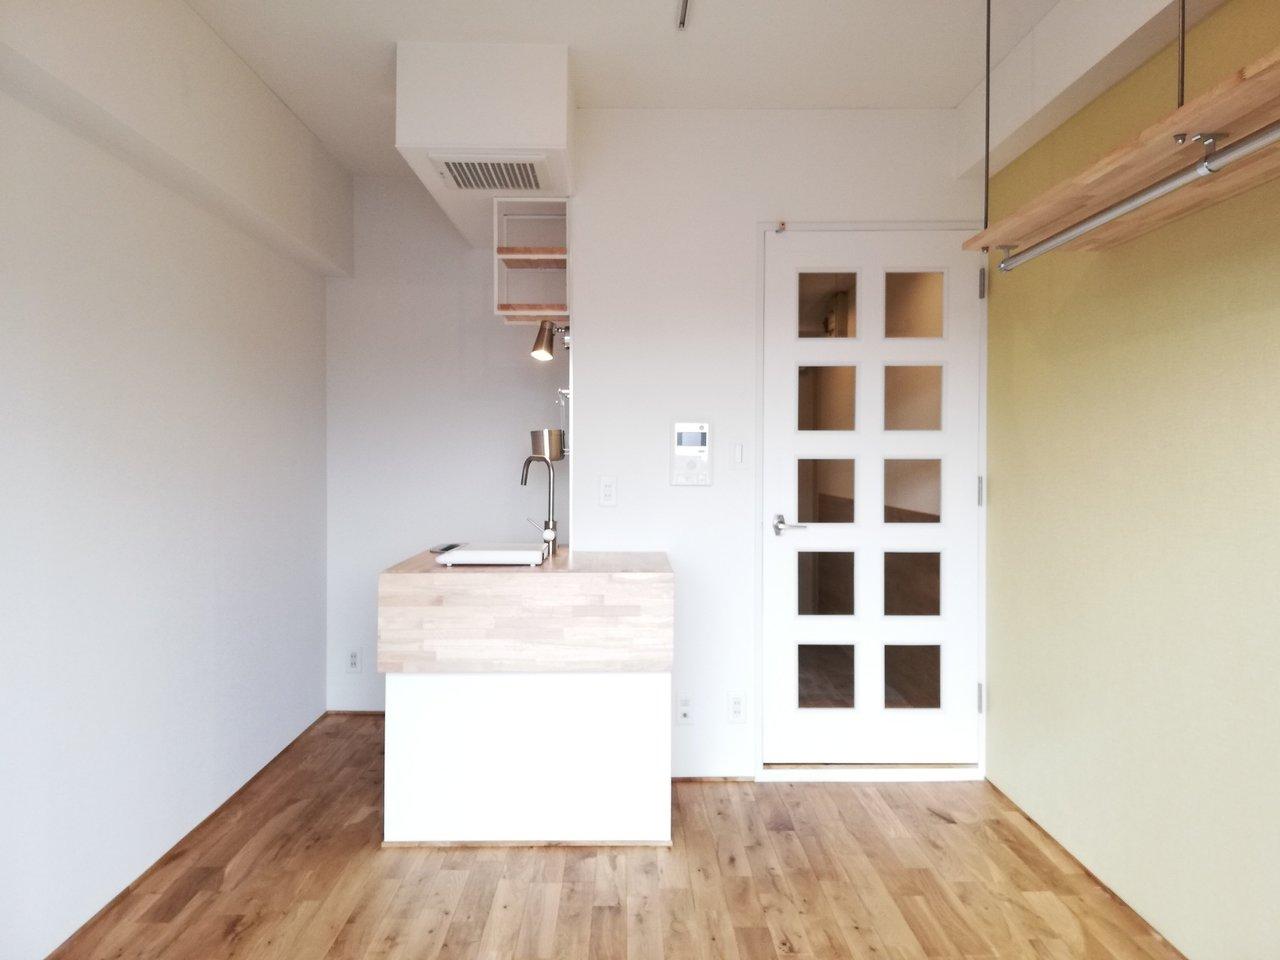 こちらも18㎡のワンルームですが、なるほどうまく考えたな!と間取り図を見てちょっと惚れ惚れとするお部屋です。角に作られたキッチンがポイント。